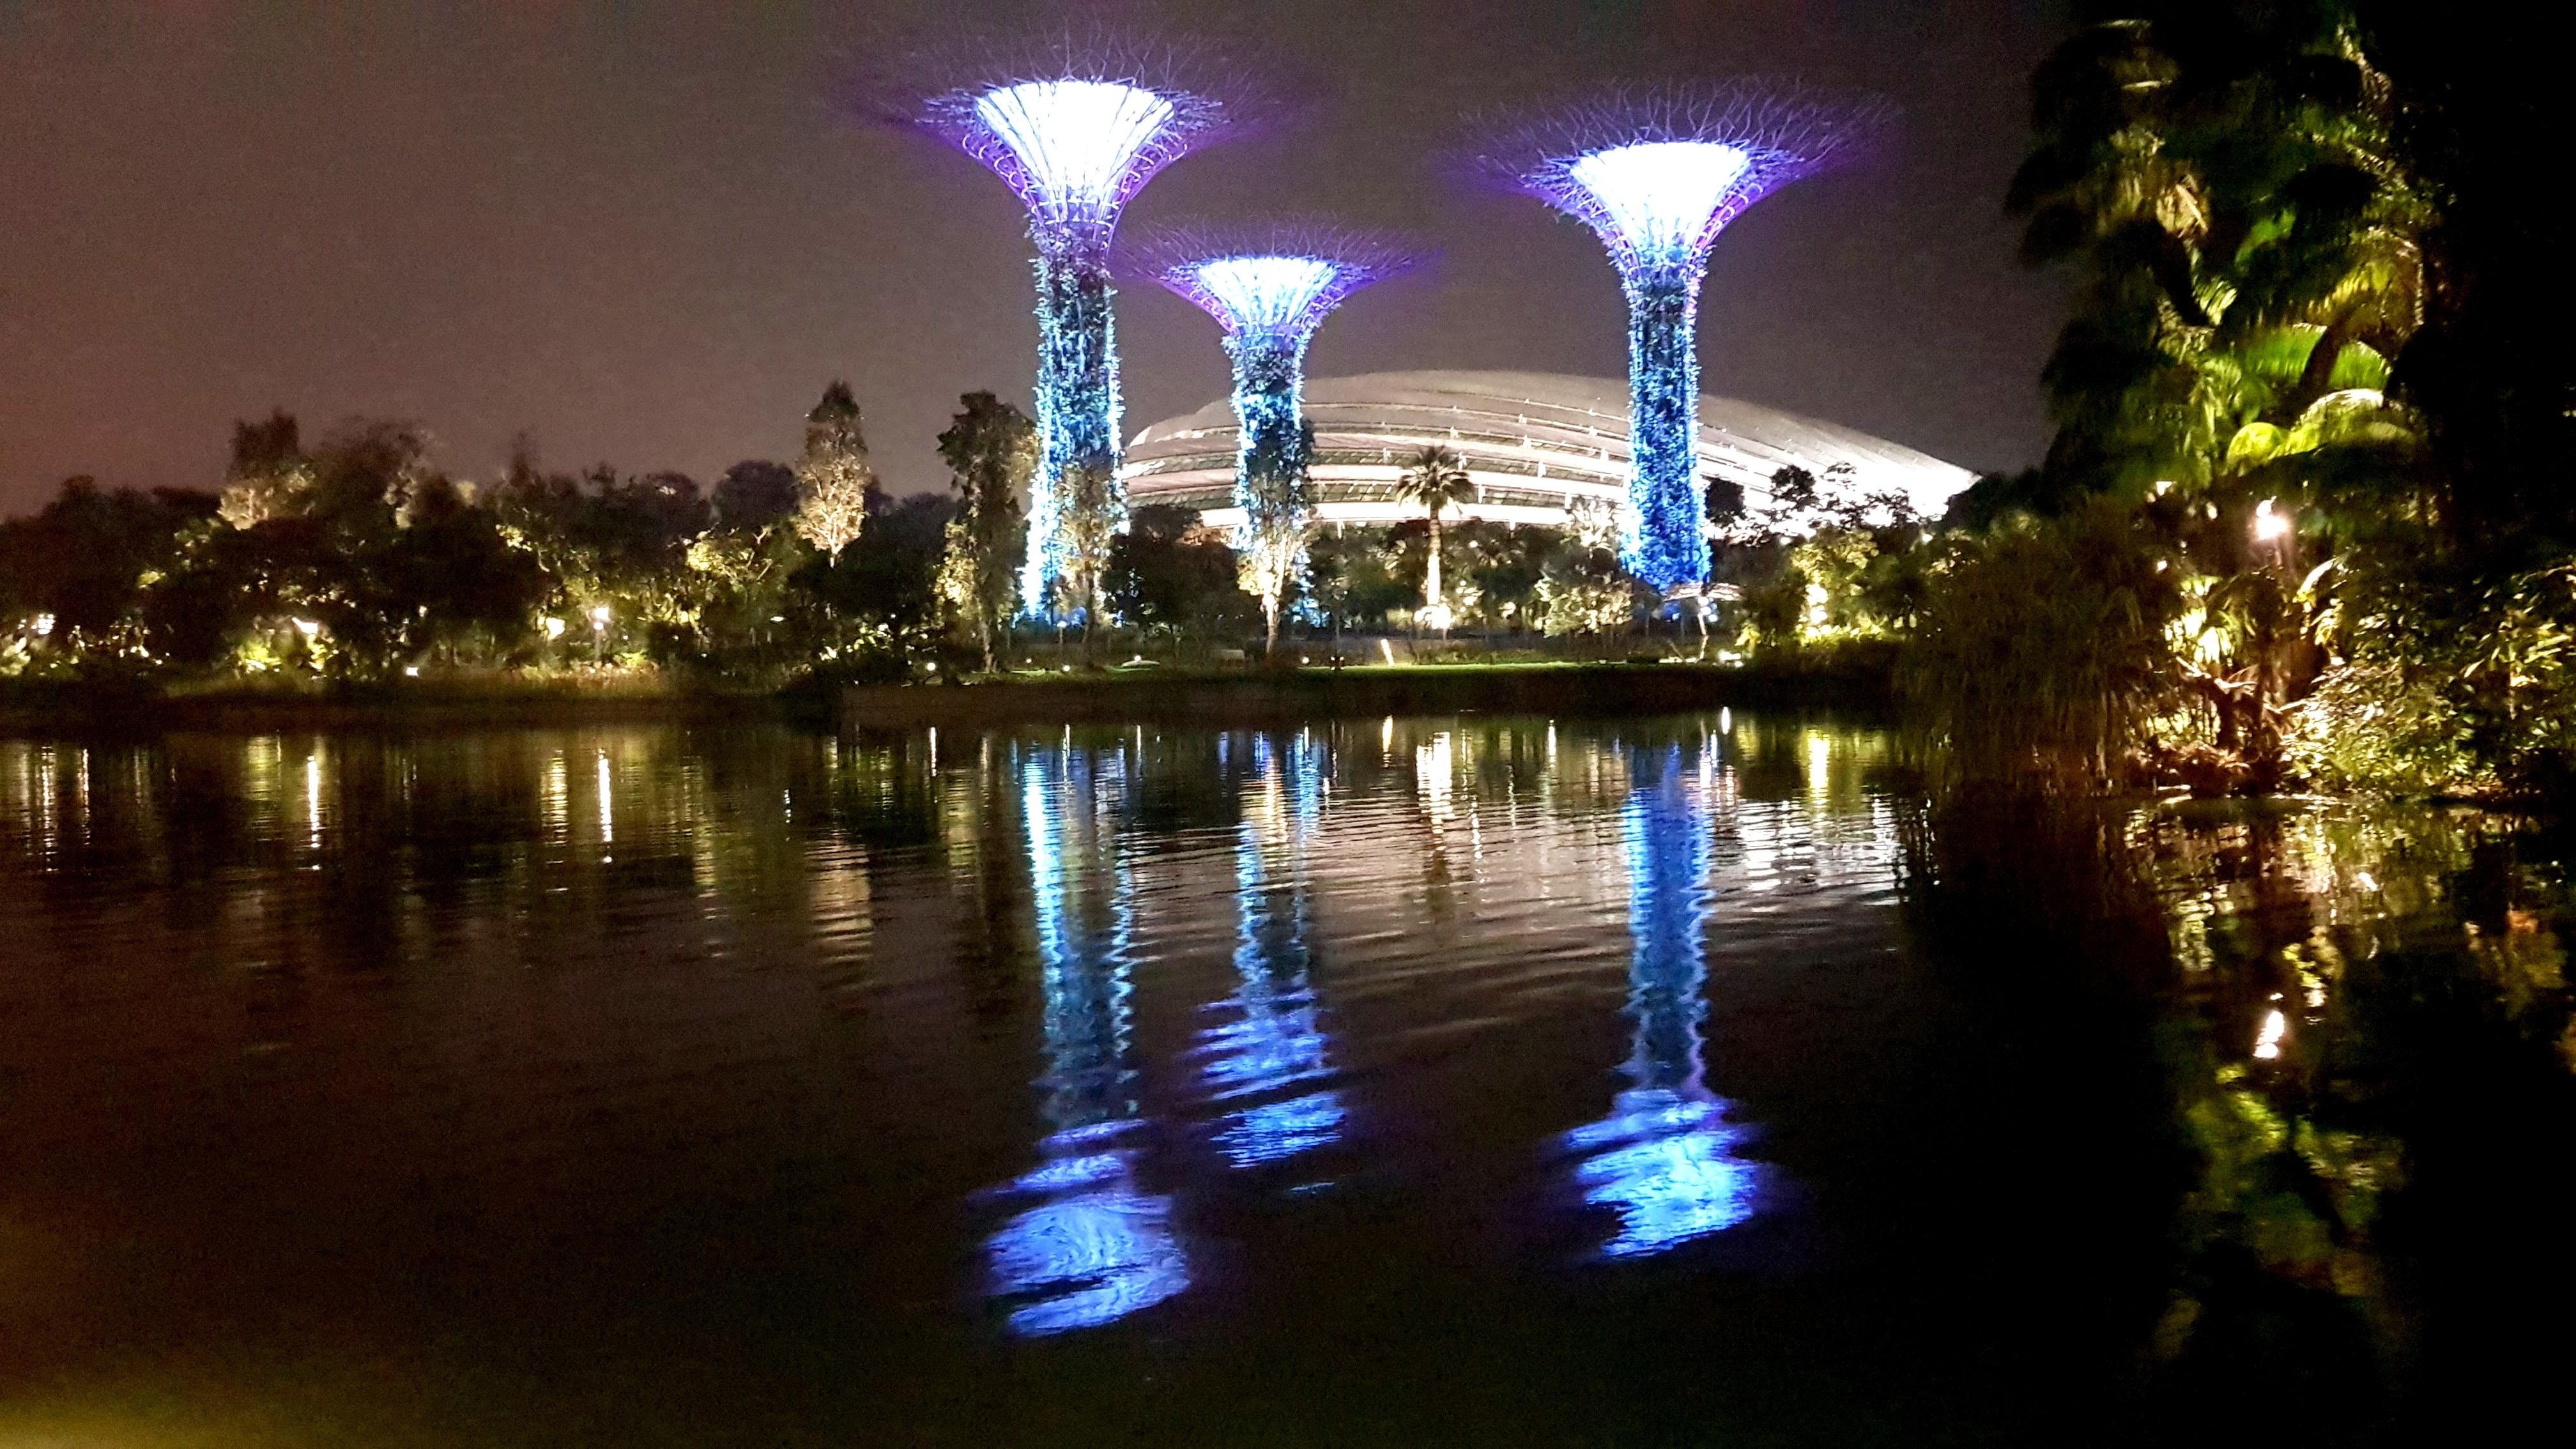 singapuras kolumbokeliones lt asmeninis archyvas